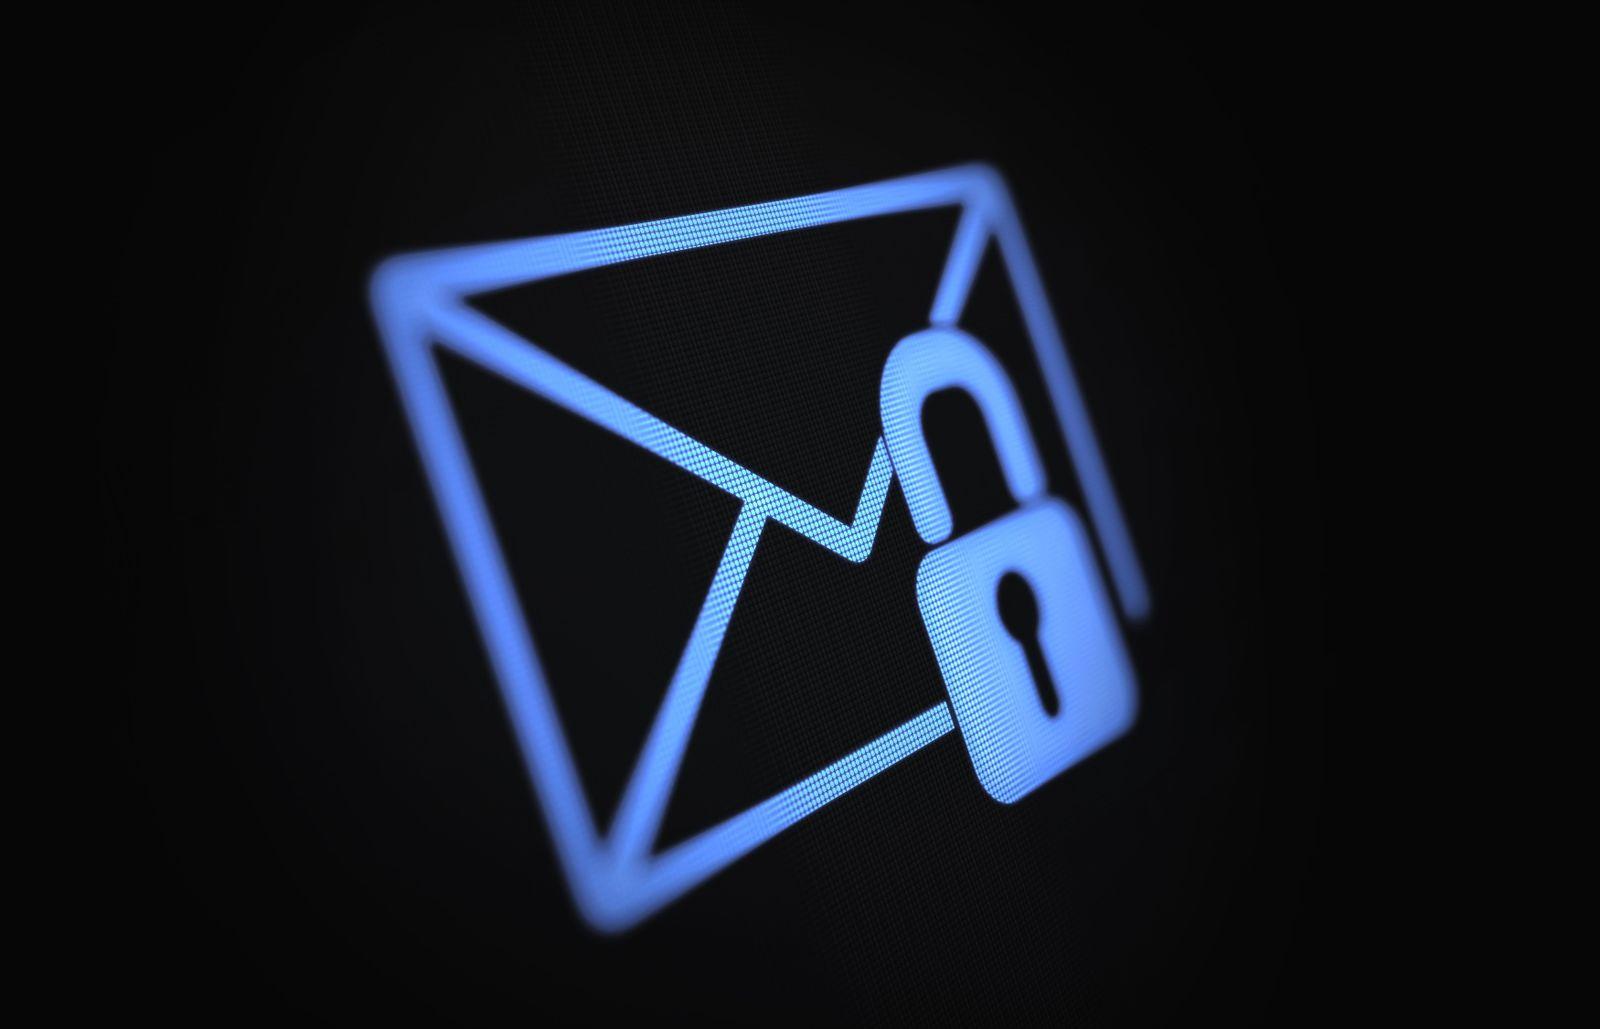 EINMALIGE VERWENDUNG Email/ Encryption